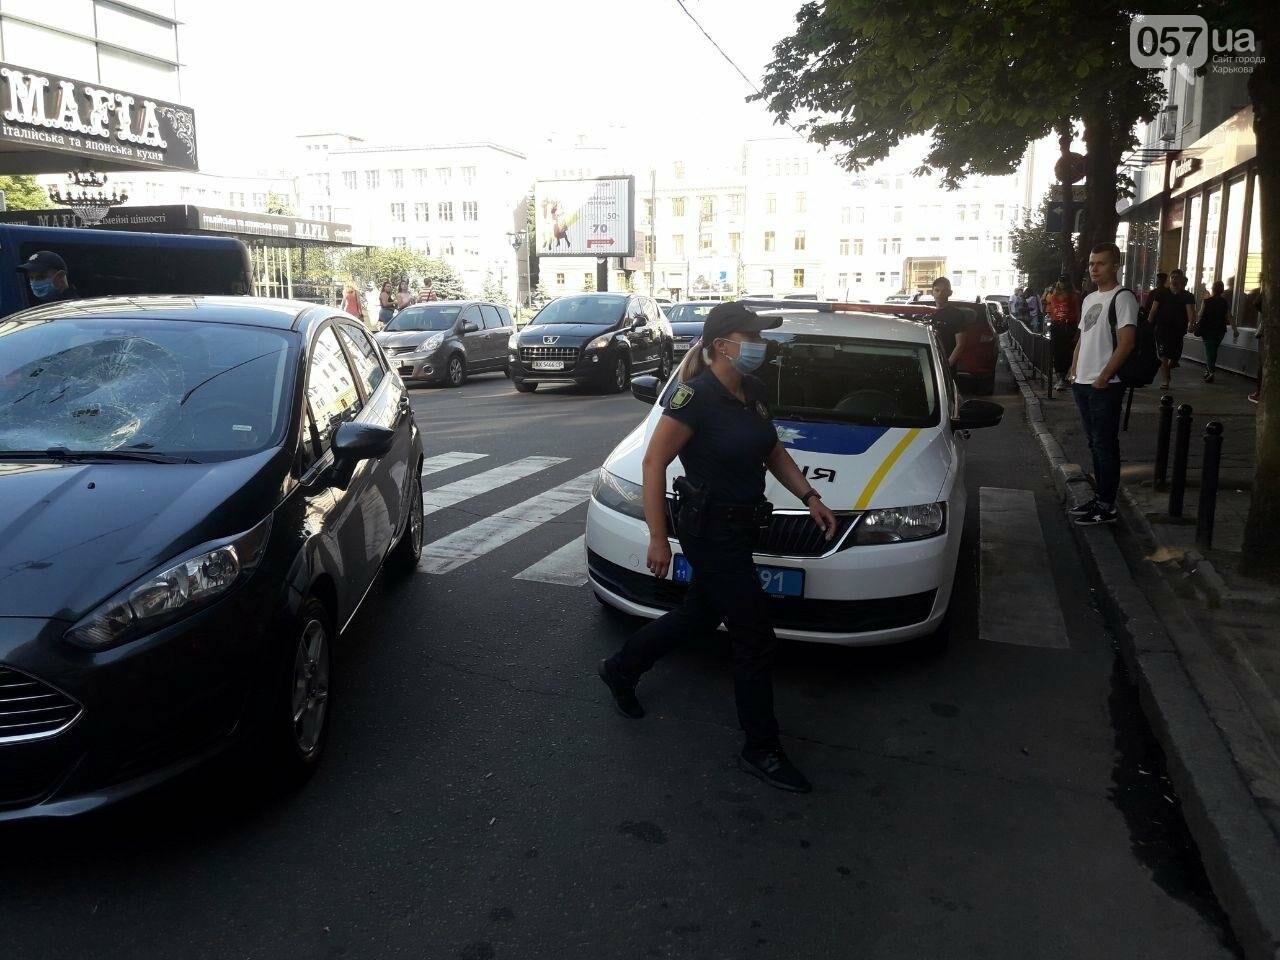 """На """"Пушкинской"""" легковое авто сбило пешехода на """"зебре"""": пострадавший в больнице, - ФОТО, фото-5"""